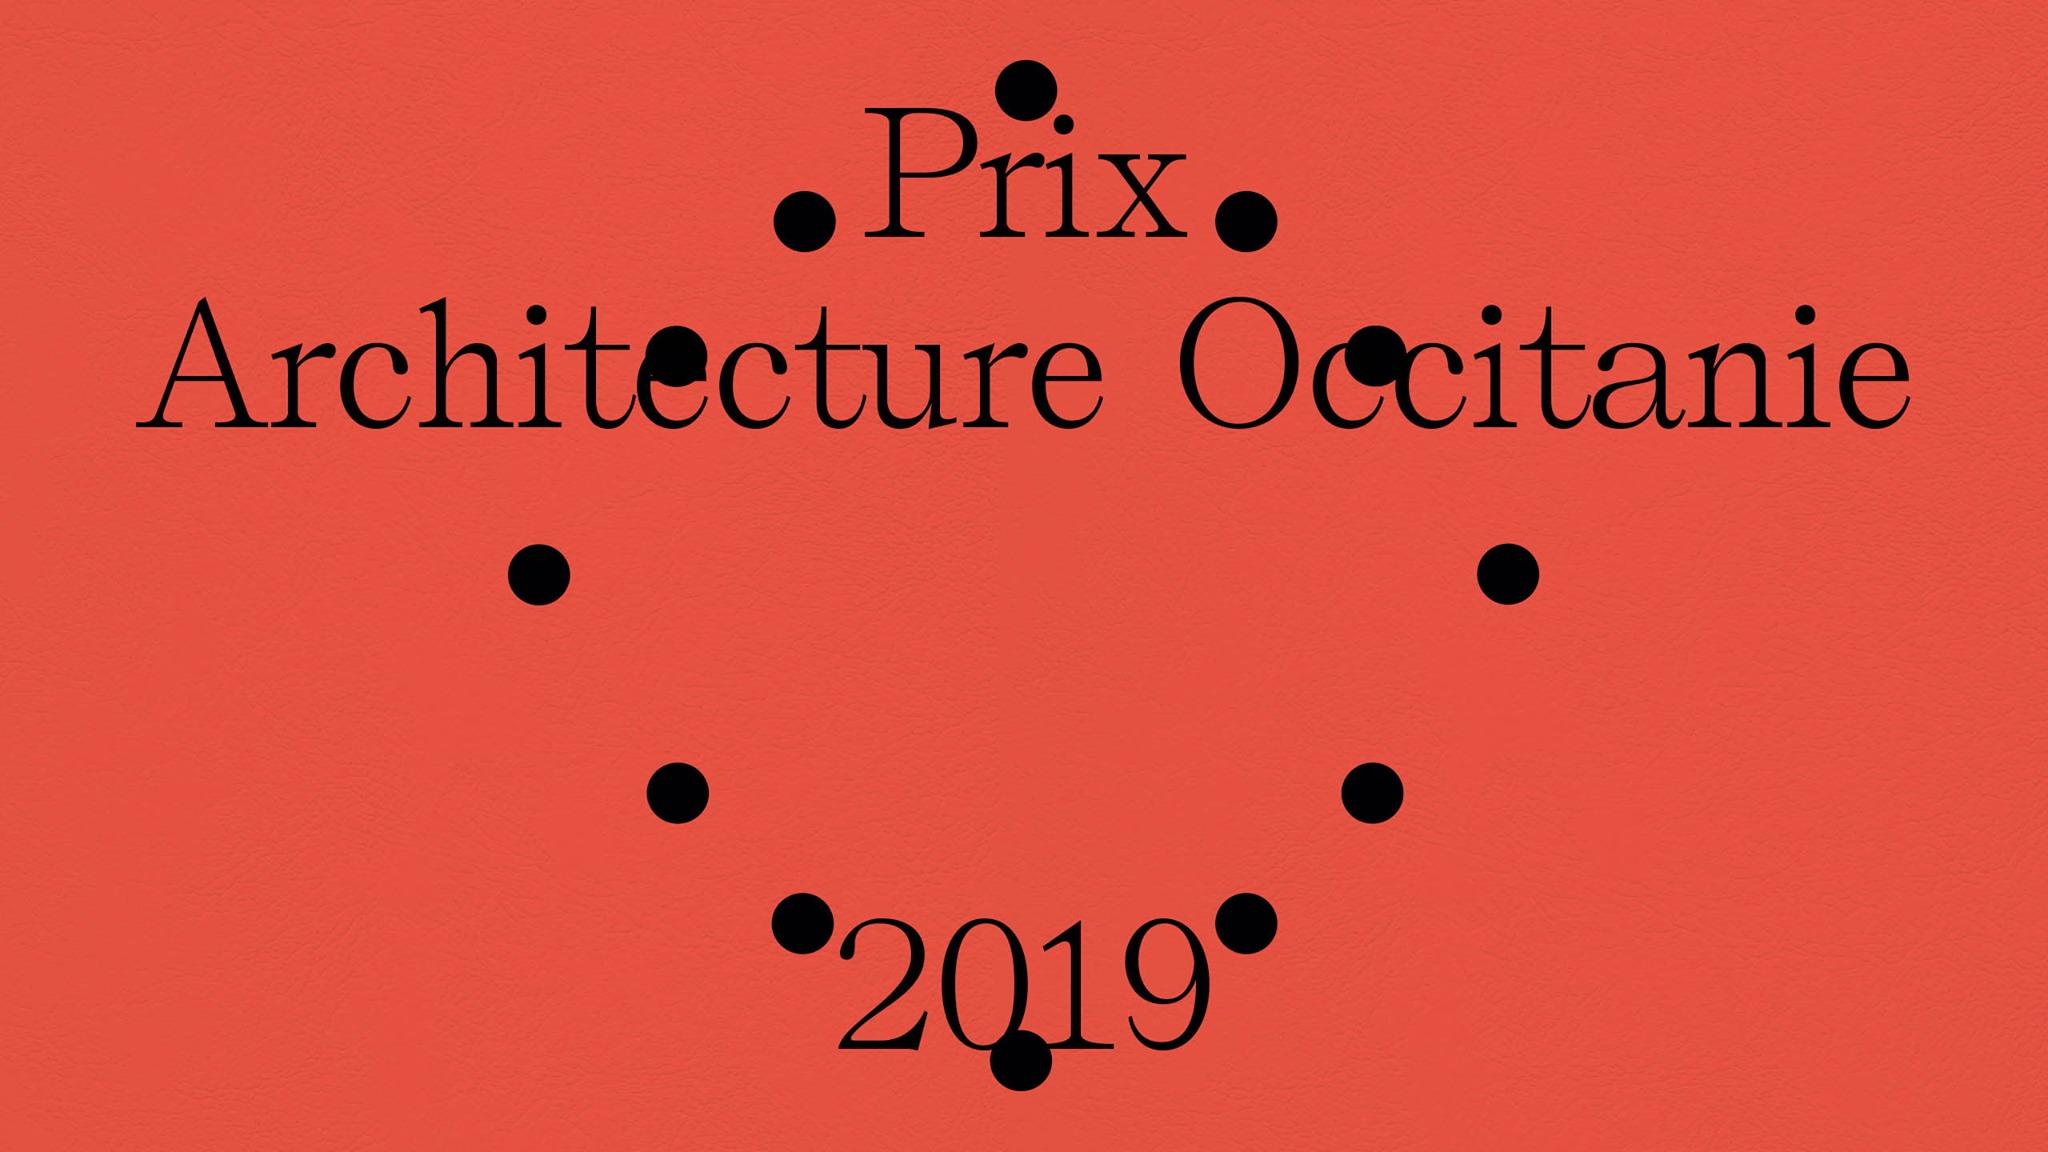 Liste Ordre Des Architectes a vous de voter ! prix architecture occitanie 2019   ordre